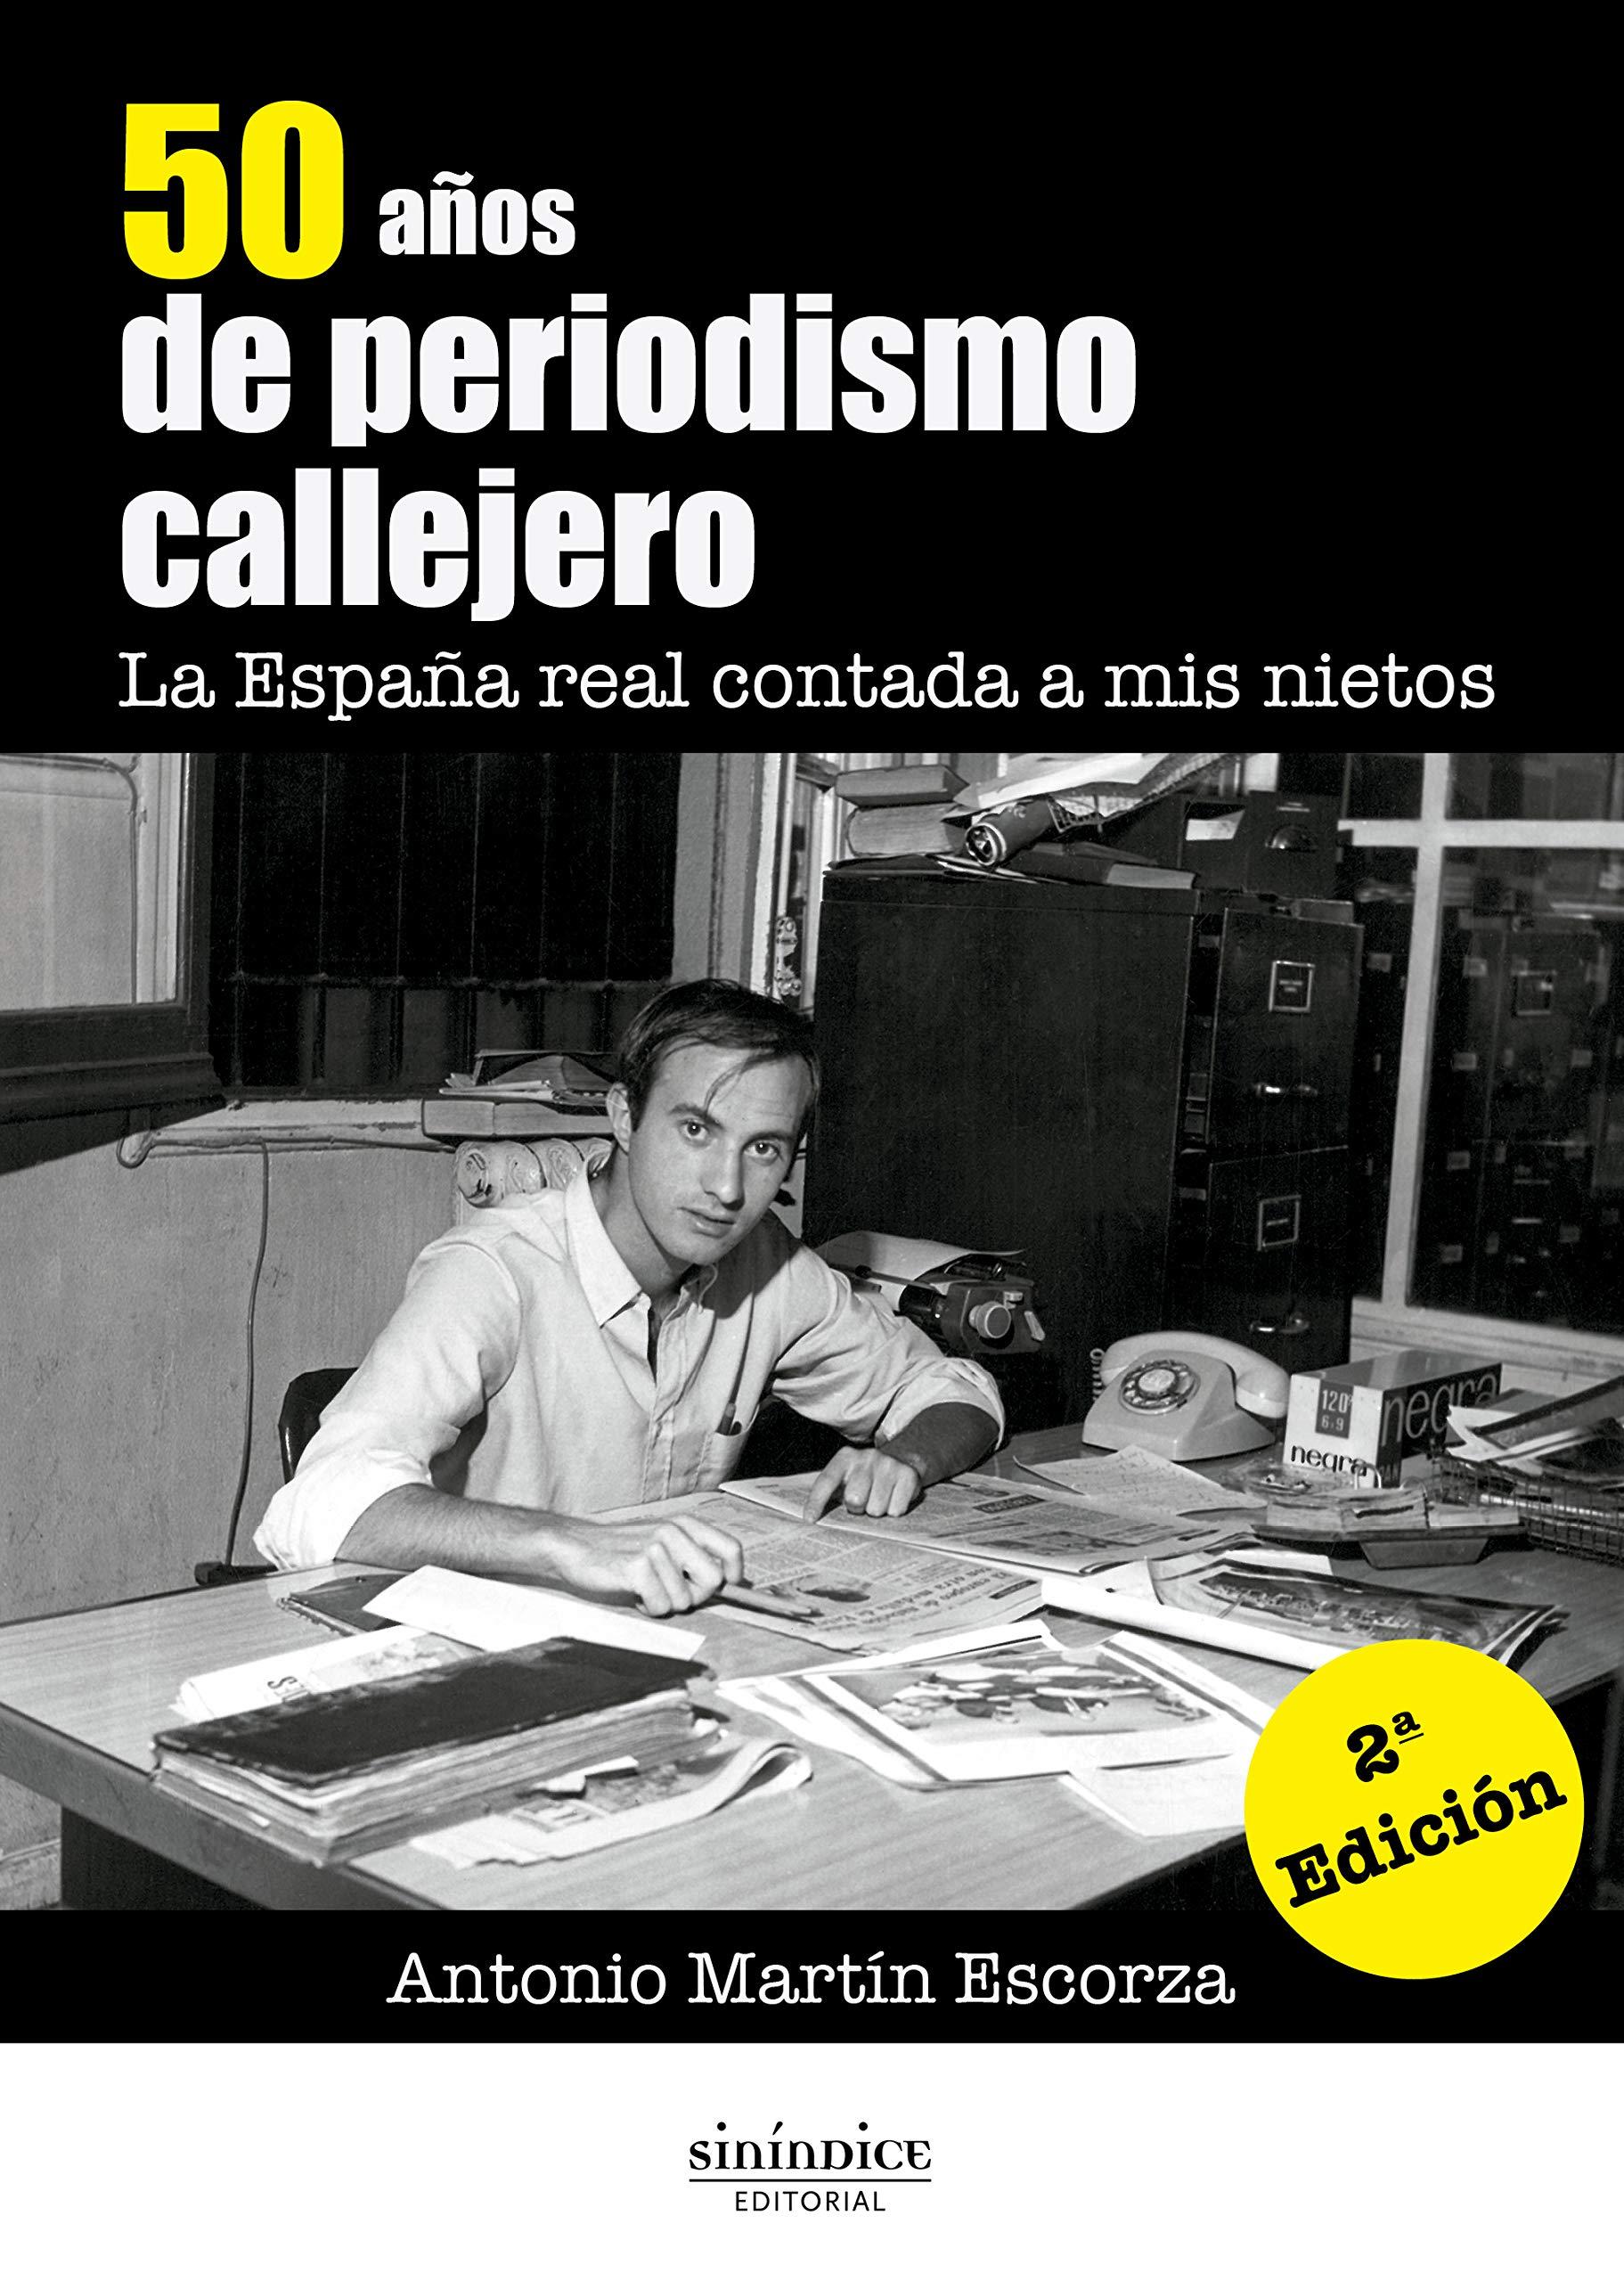 50 años de periodismo callejero: La España real contada a mis nietos: Amazon.es: Martín Escorza, Antonio: Libros